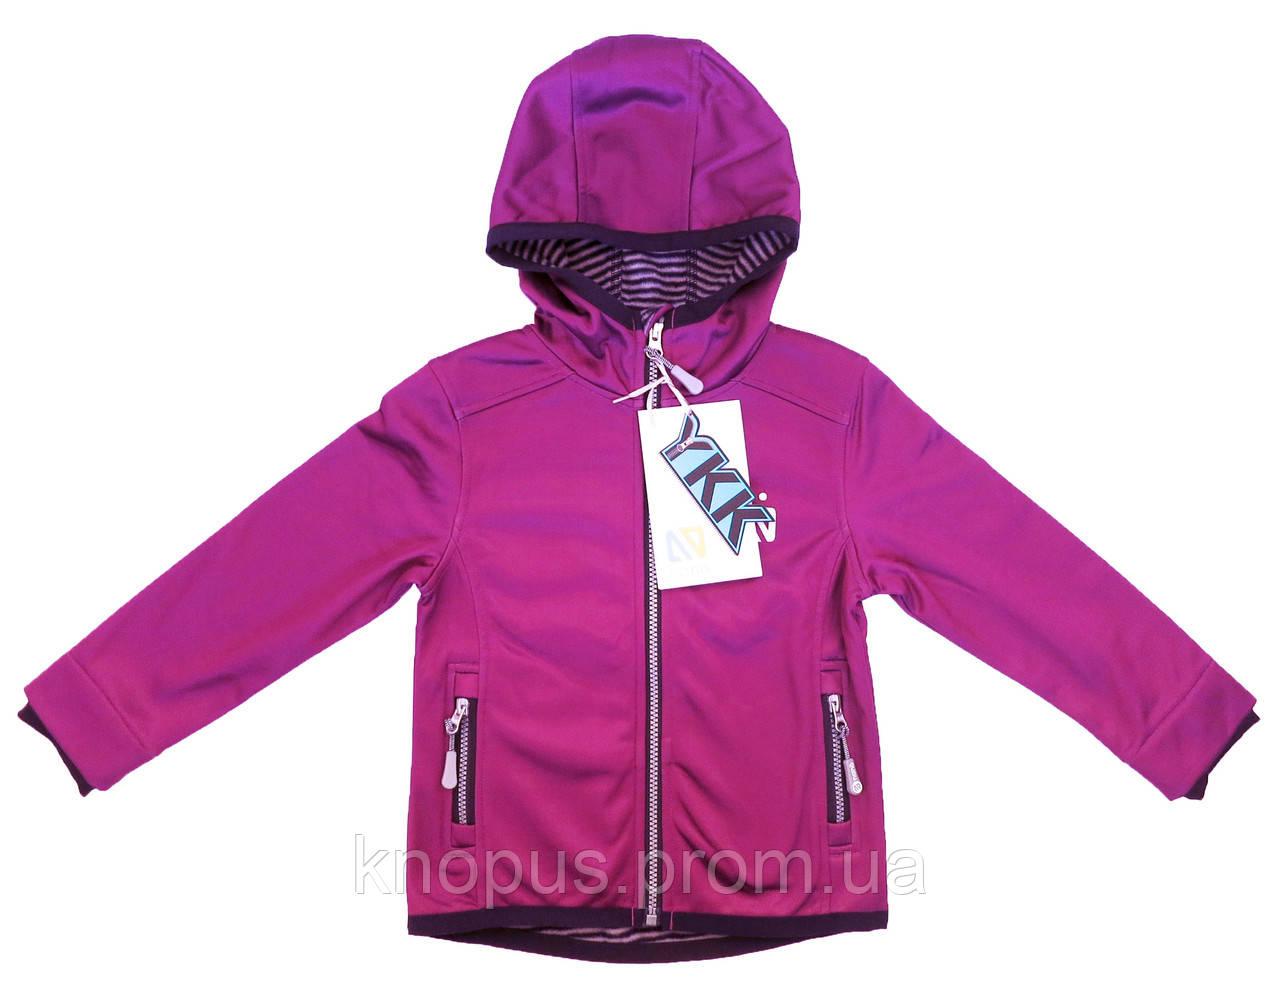 Демисезонная куртка SOFTSHELL, 1400 M S18, Purple